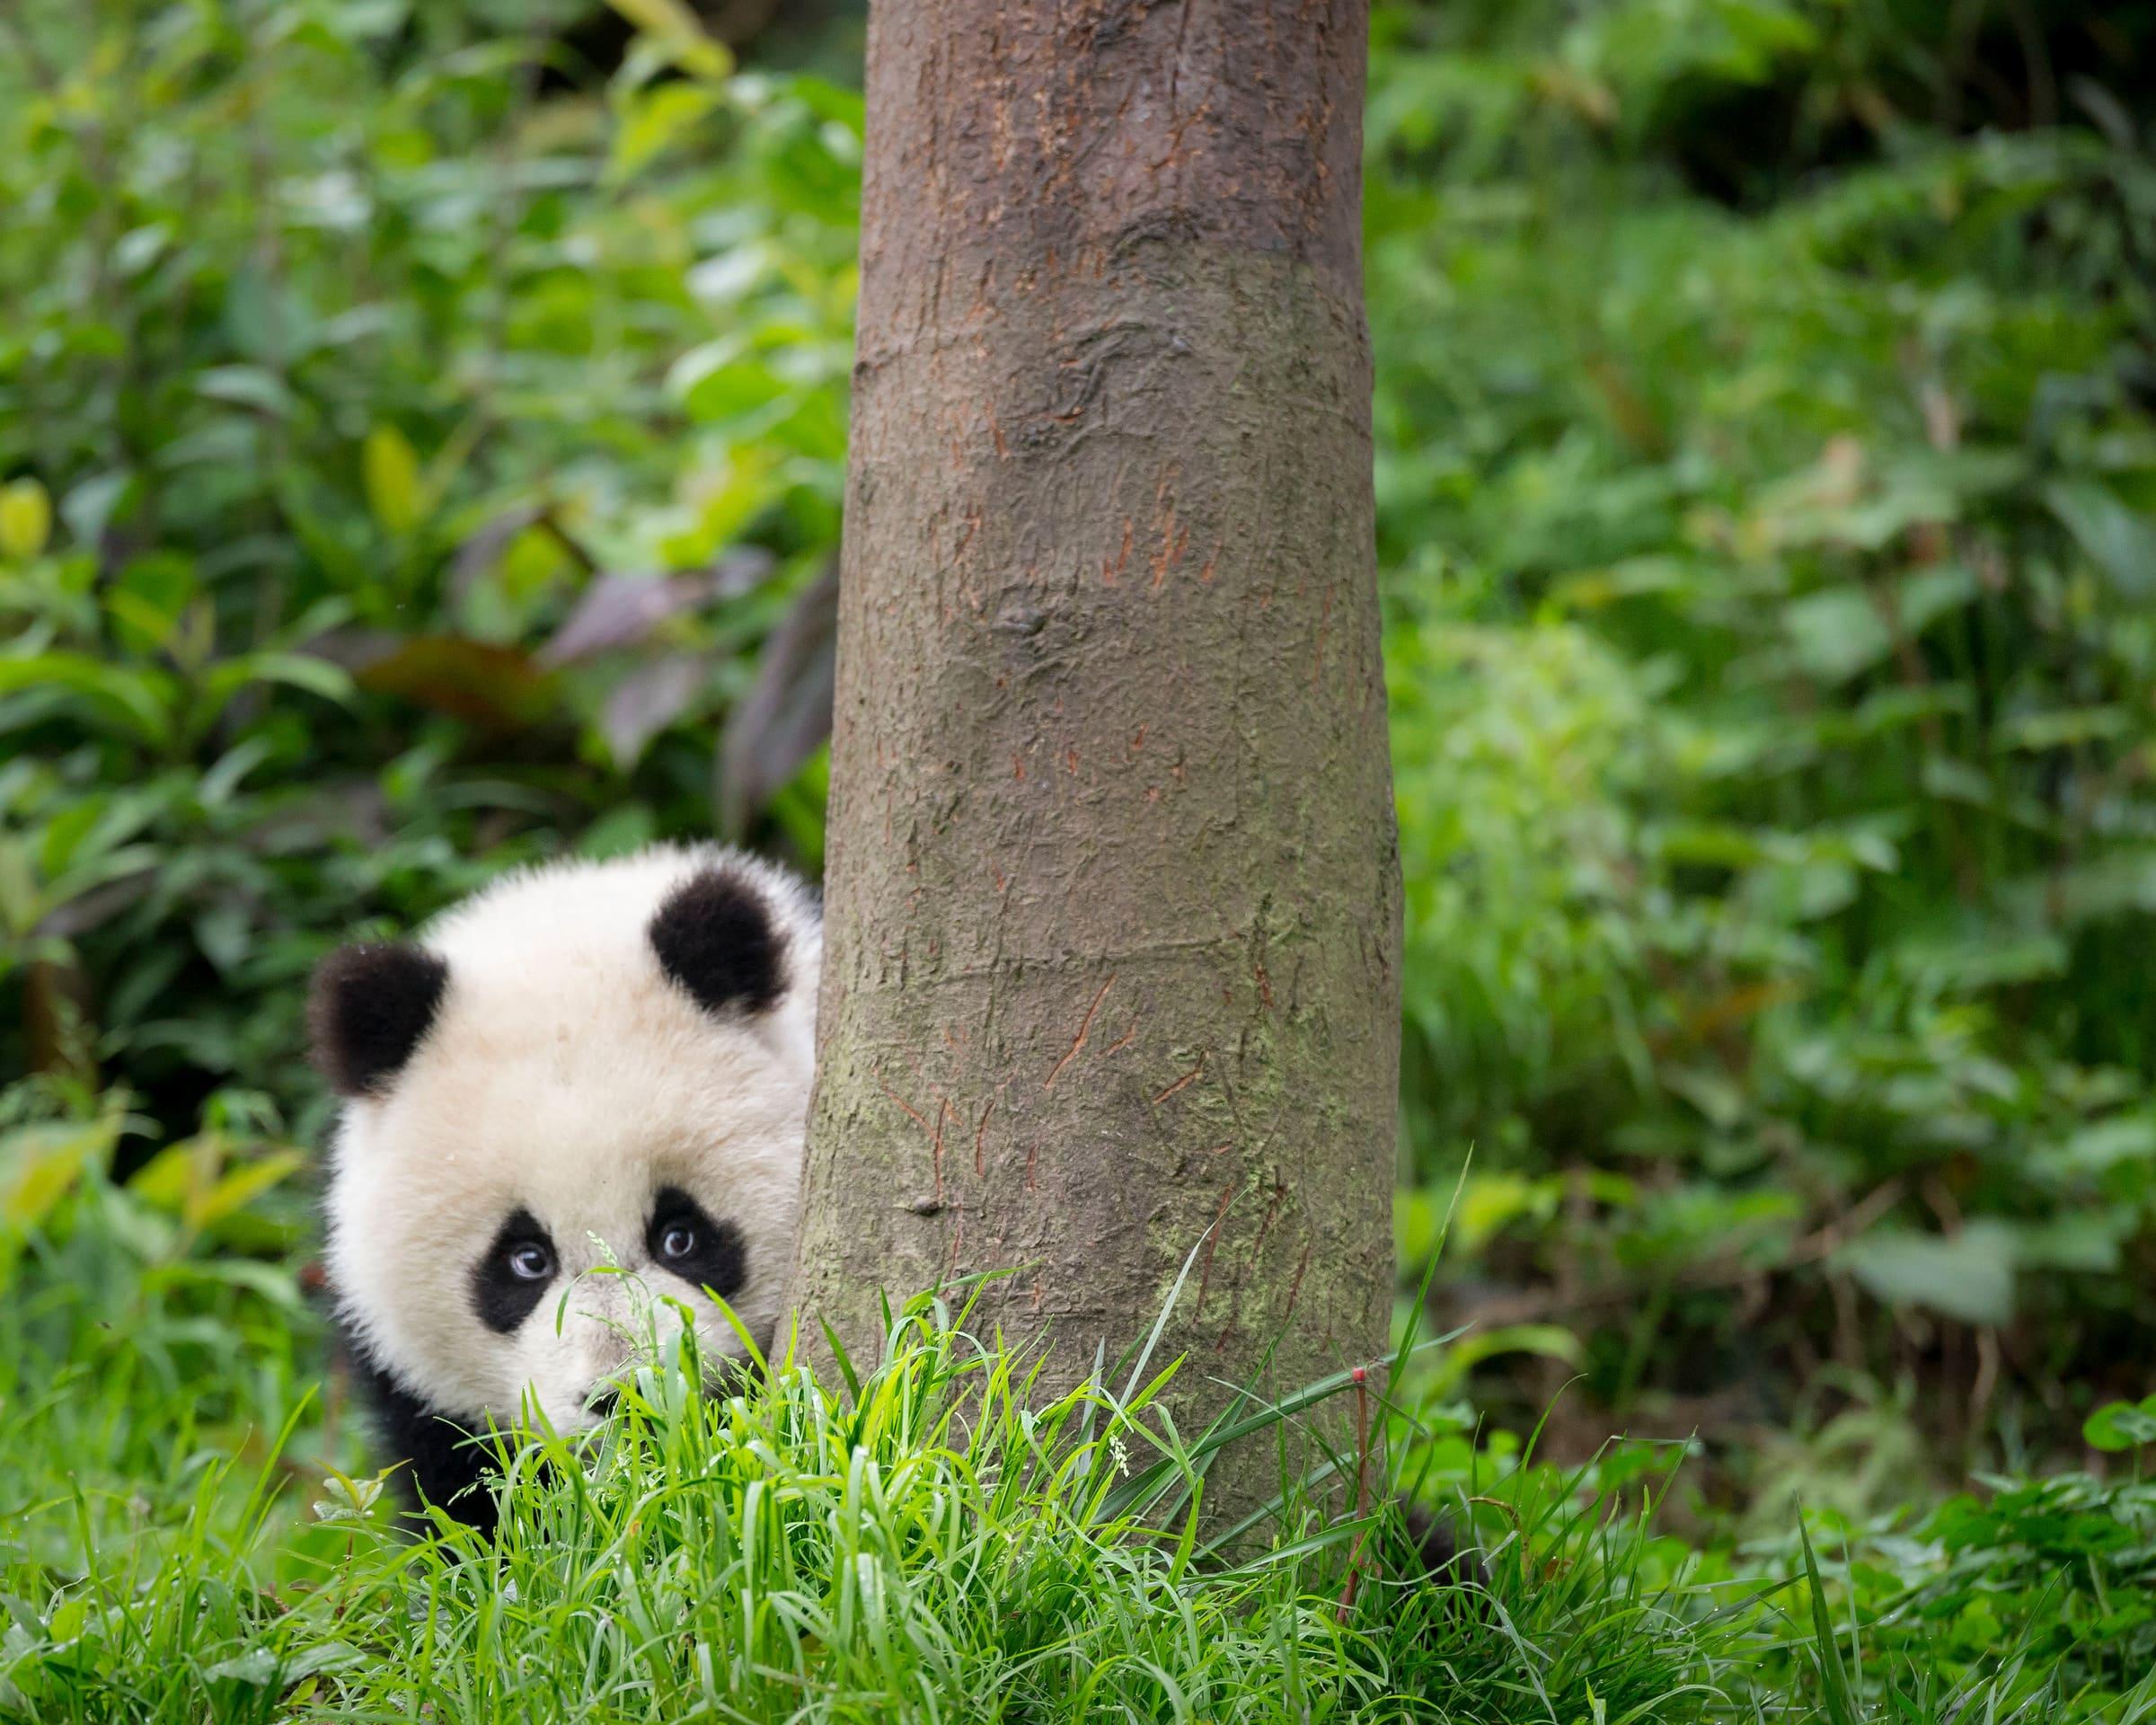 Grosser-Panda-Jungtier neben einem Baum